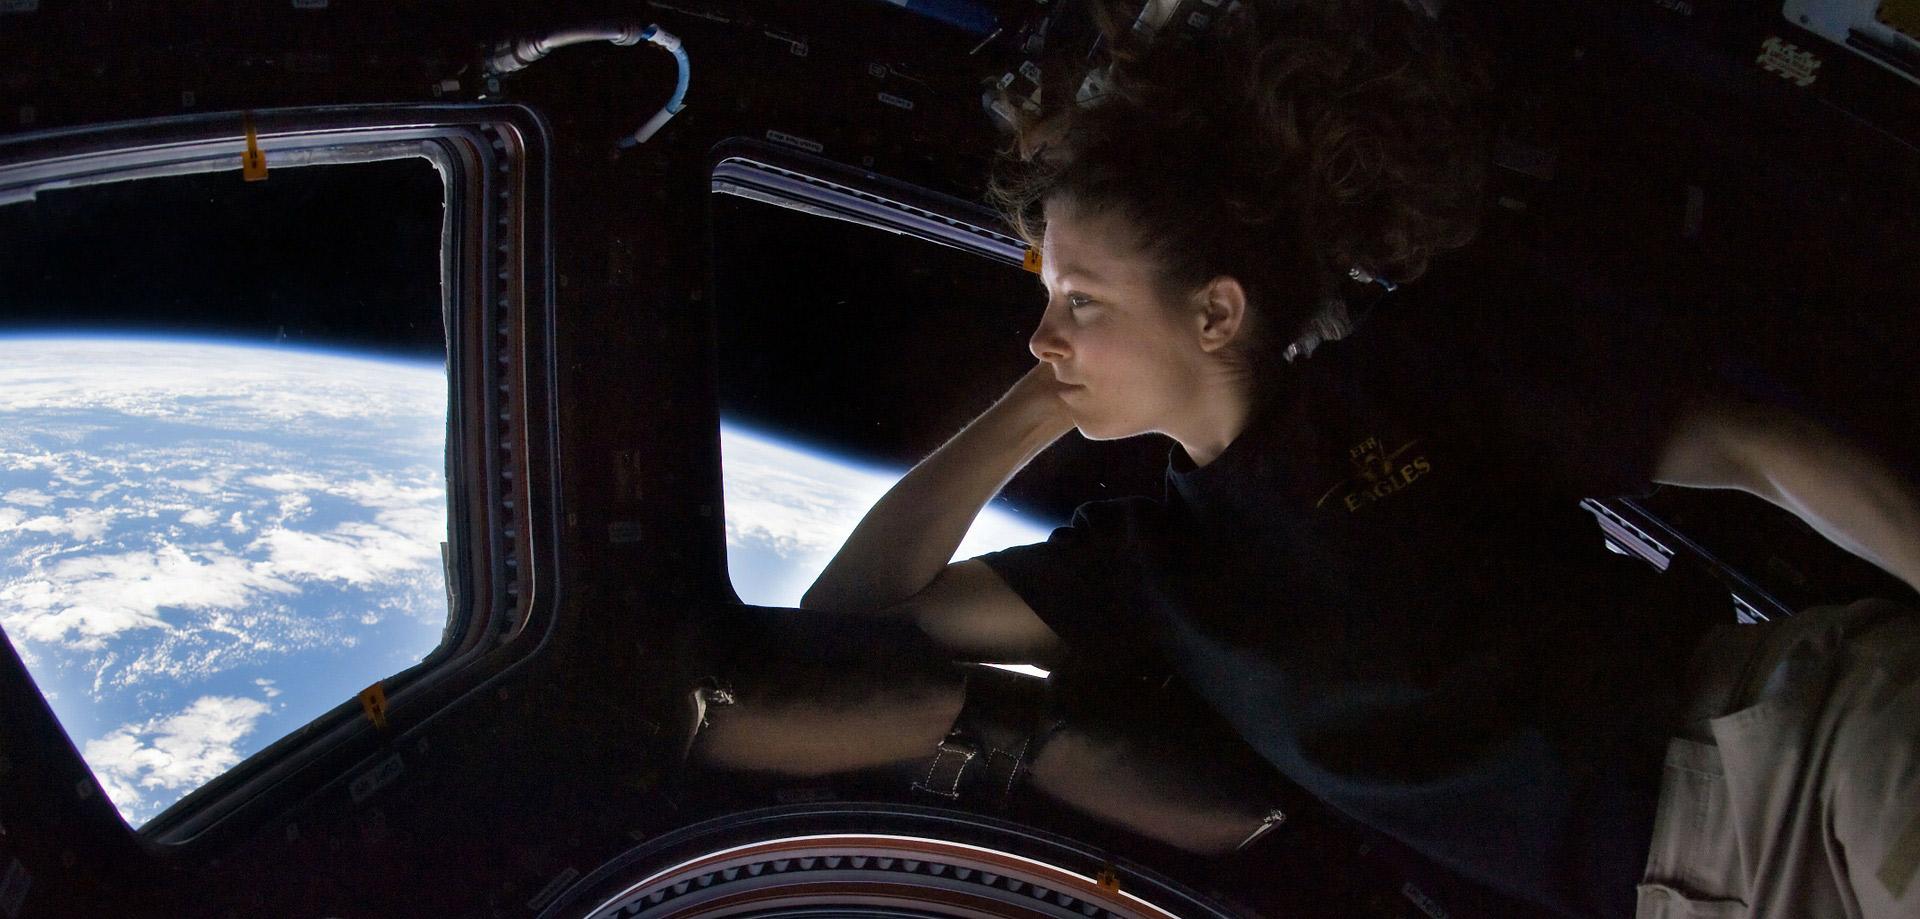 Astronautka je podozrivá z prvého z trestného činu vo vesmíre